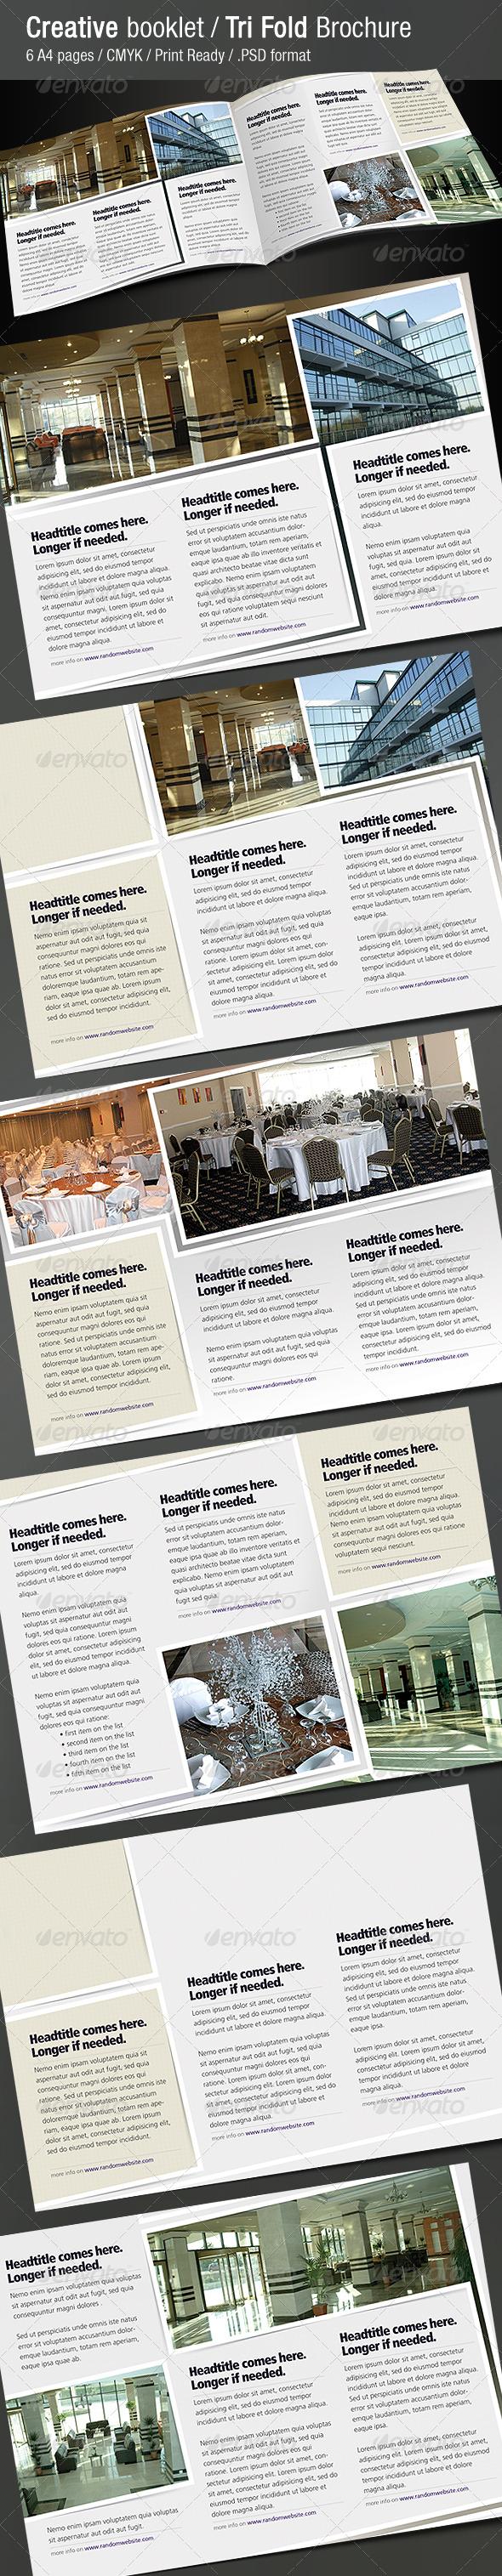 GraphicRiver Creative Booklet Tri Fold Brochure 242346